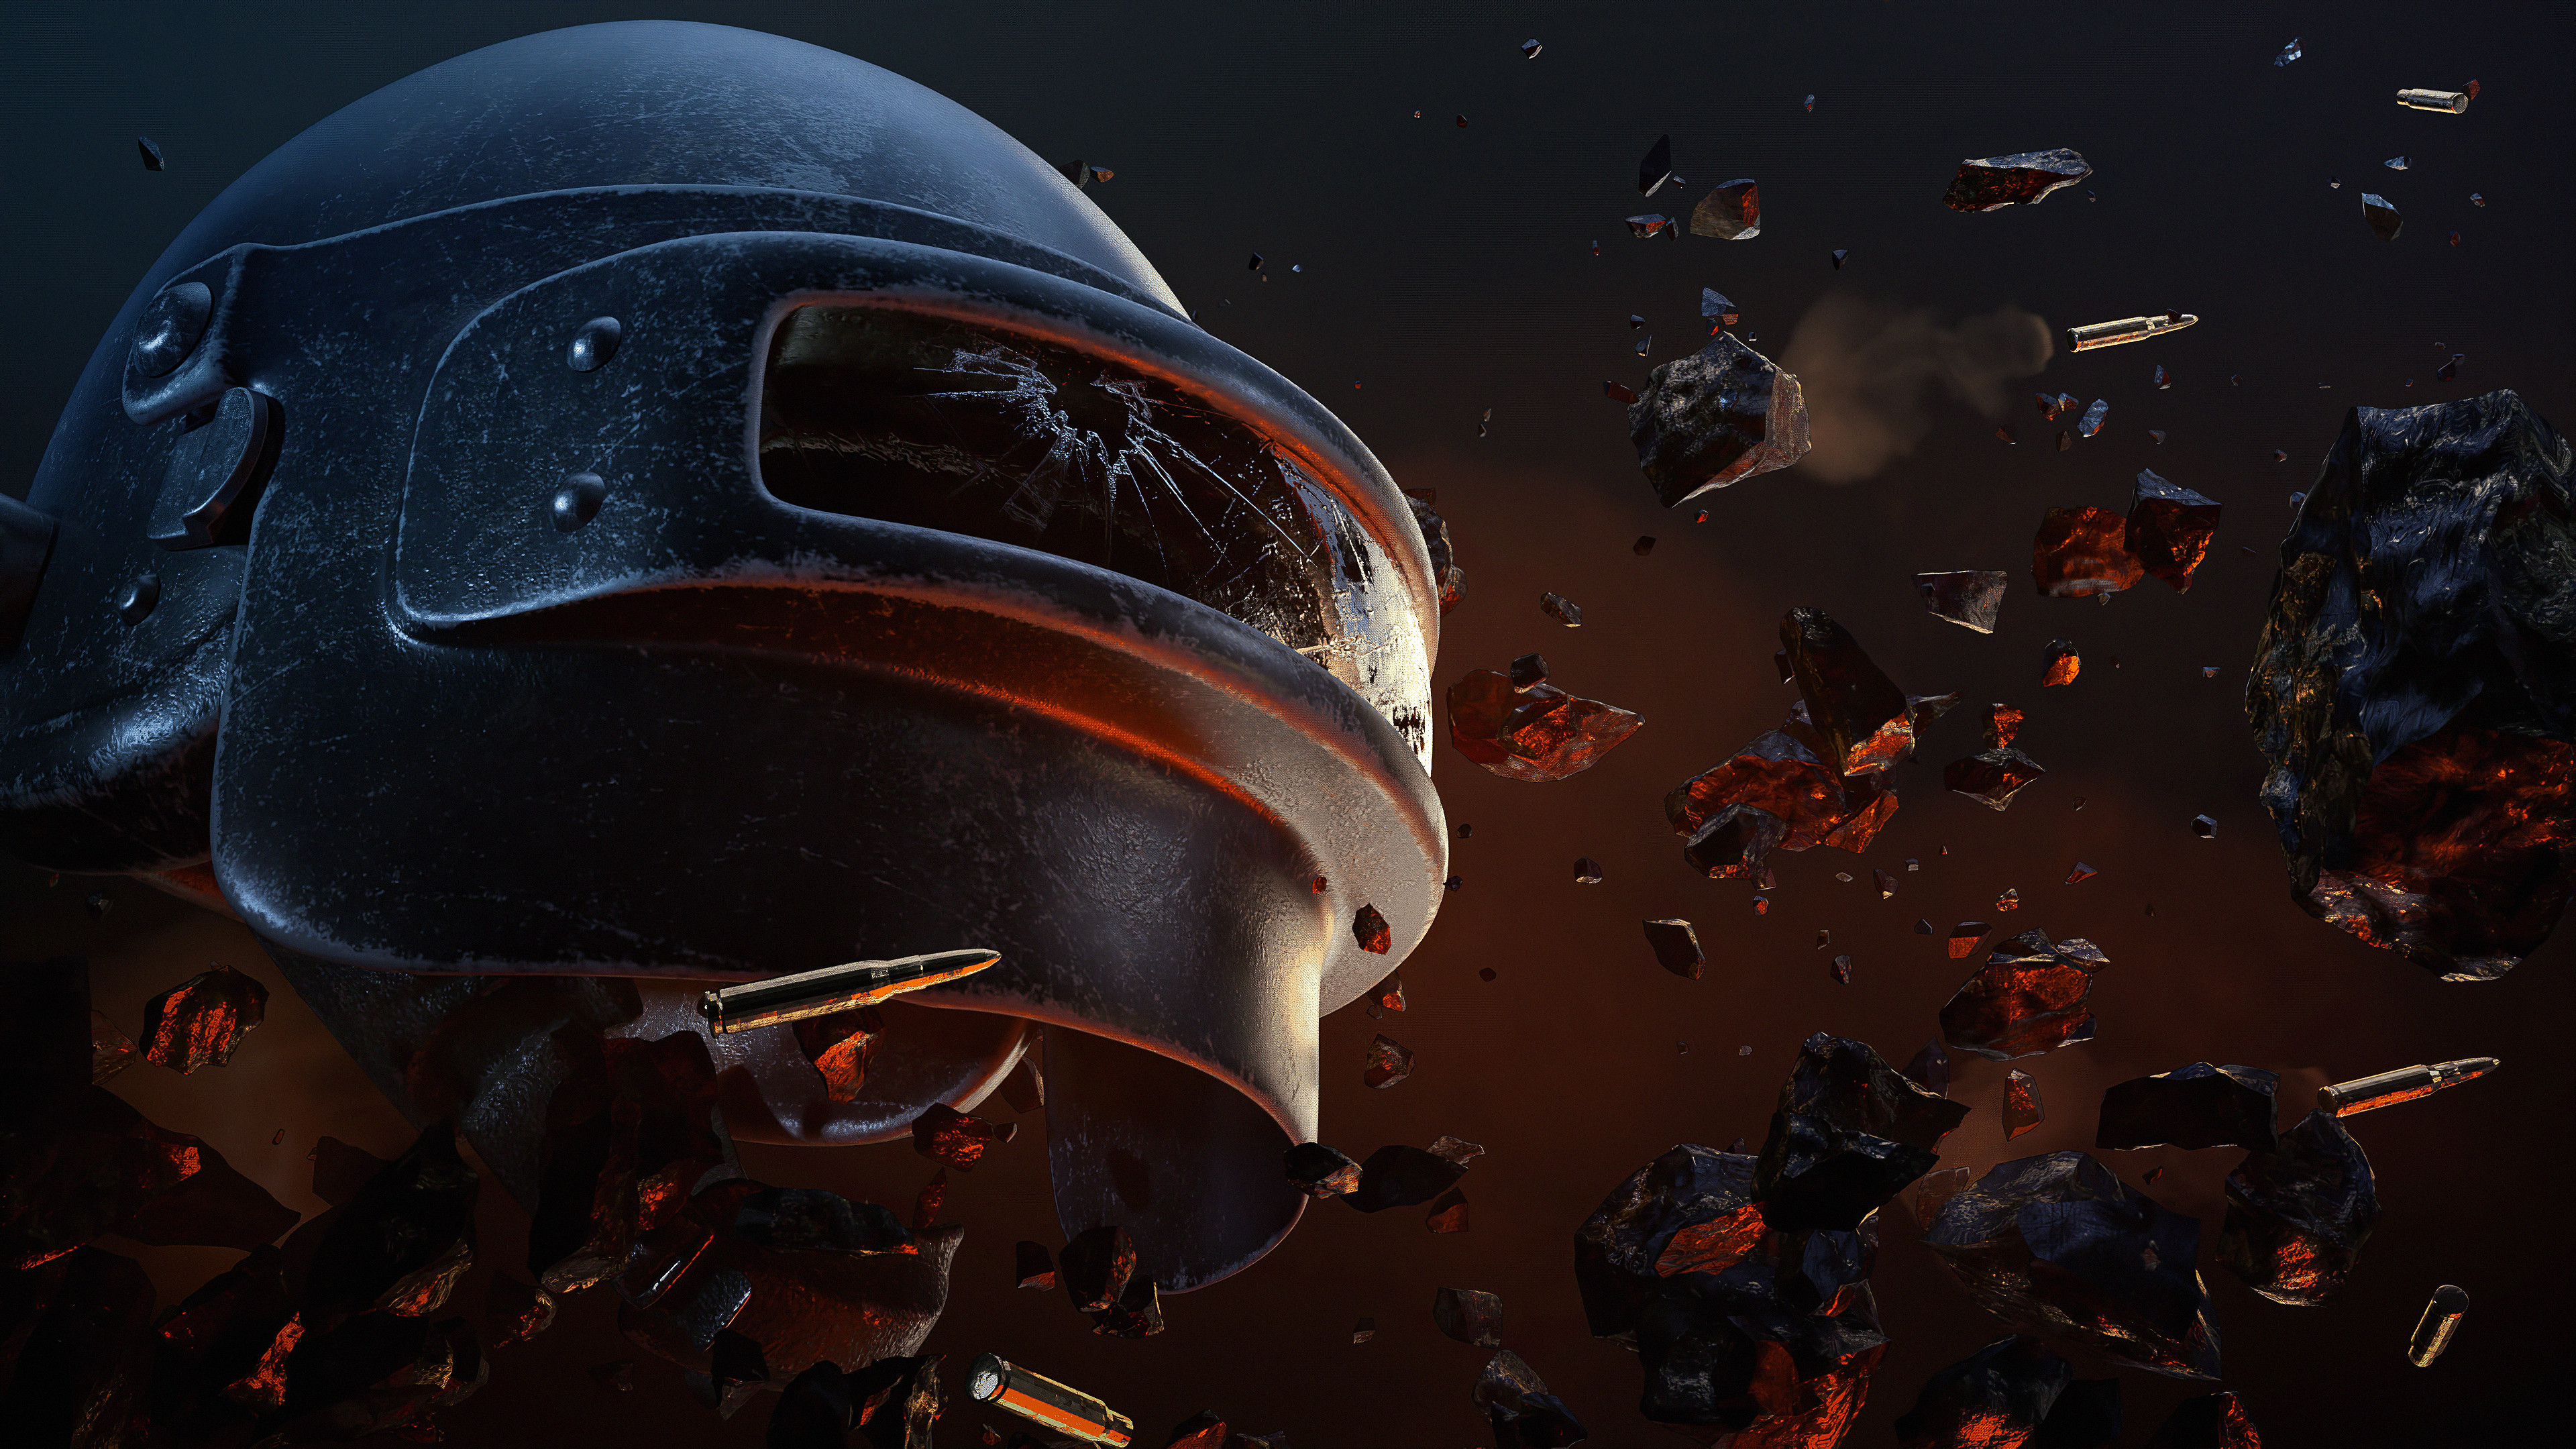 pubg helmet 2019 w7 3840x2160 1 - Pubg Helmet 2020 - pubg 4k wallpapers, pubg 2020 wallpapers, playerunknowns battlegrounds wallpapers